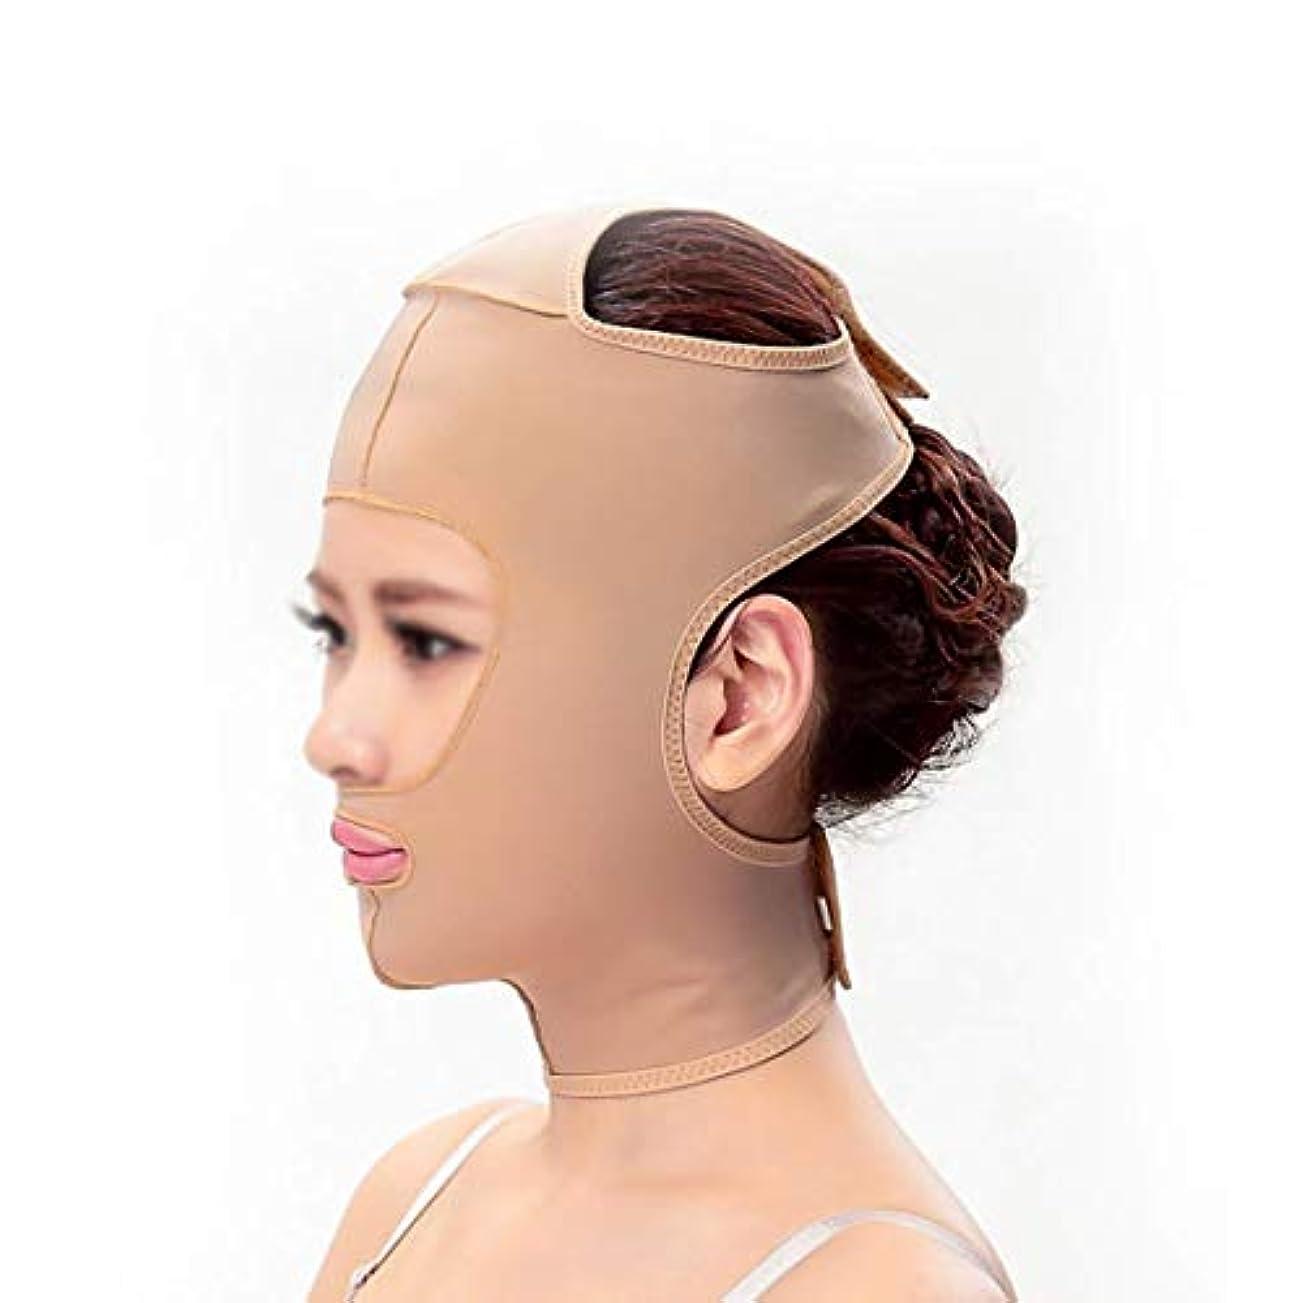 霊波紋抑制スリミングベルト、二重あごの引き締め顔面プラスチックフェイスアーティファクト強力なフェイスバンデージをサイズアップするために顔面マスクシンフェイスマスク,Xl